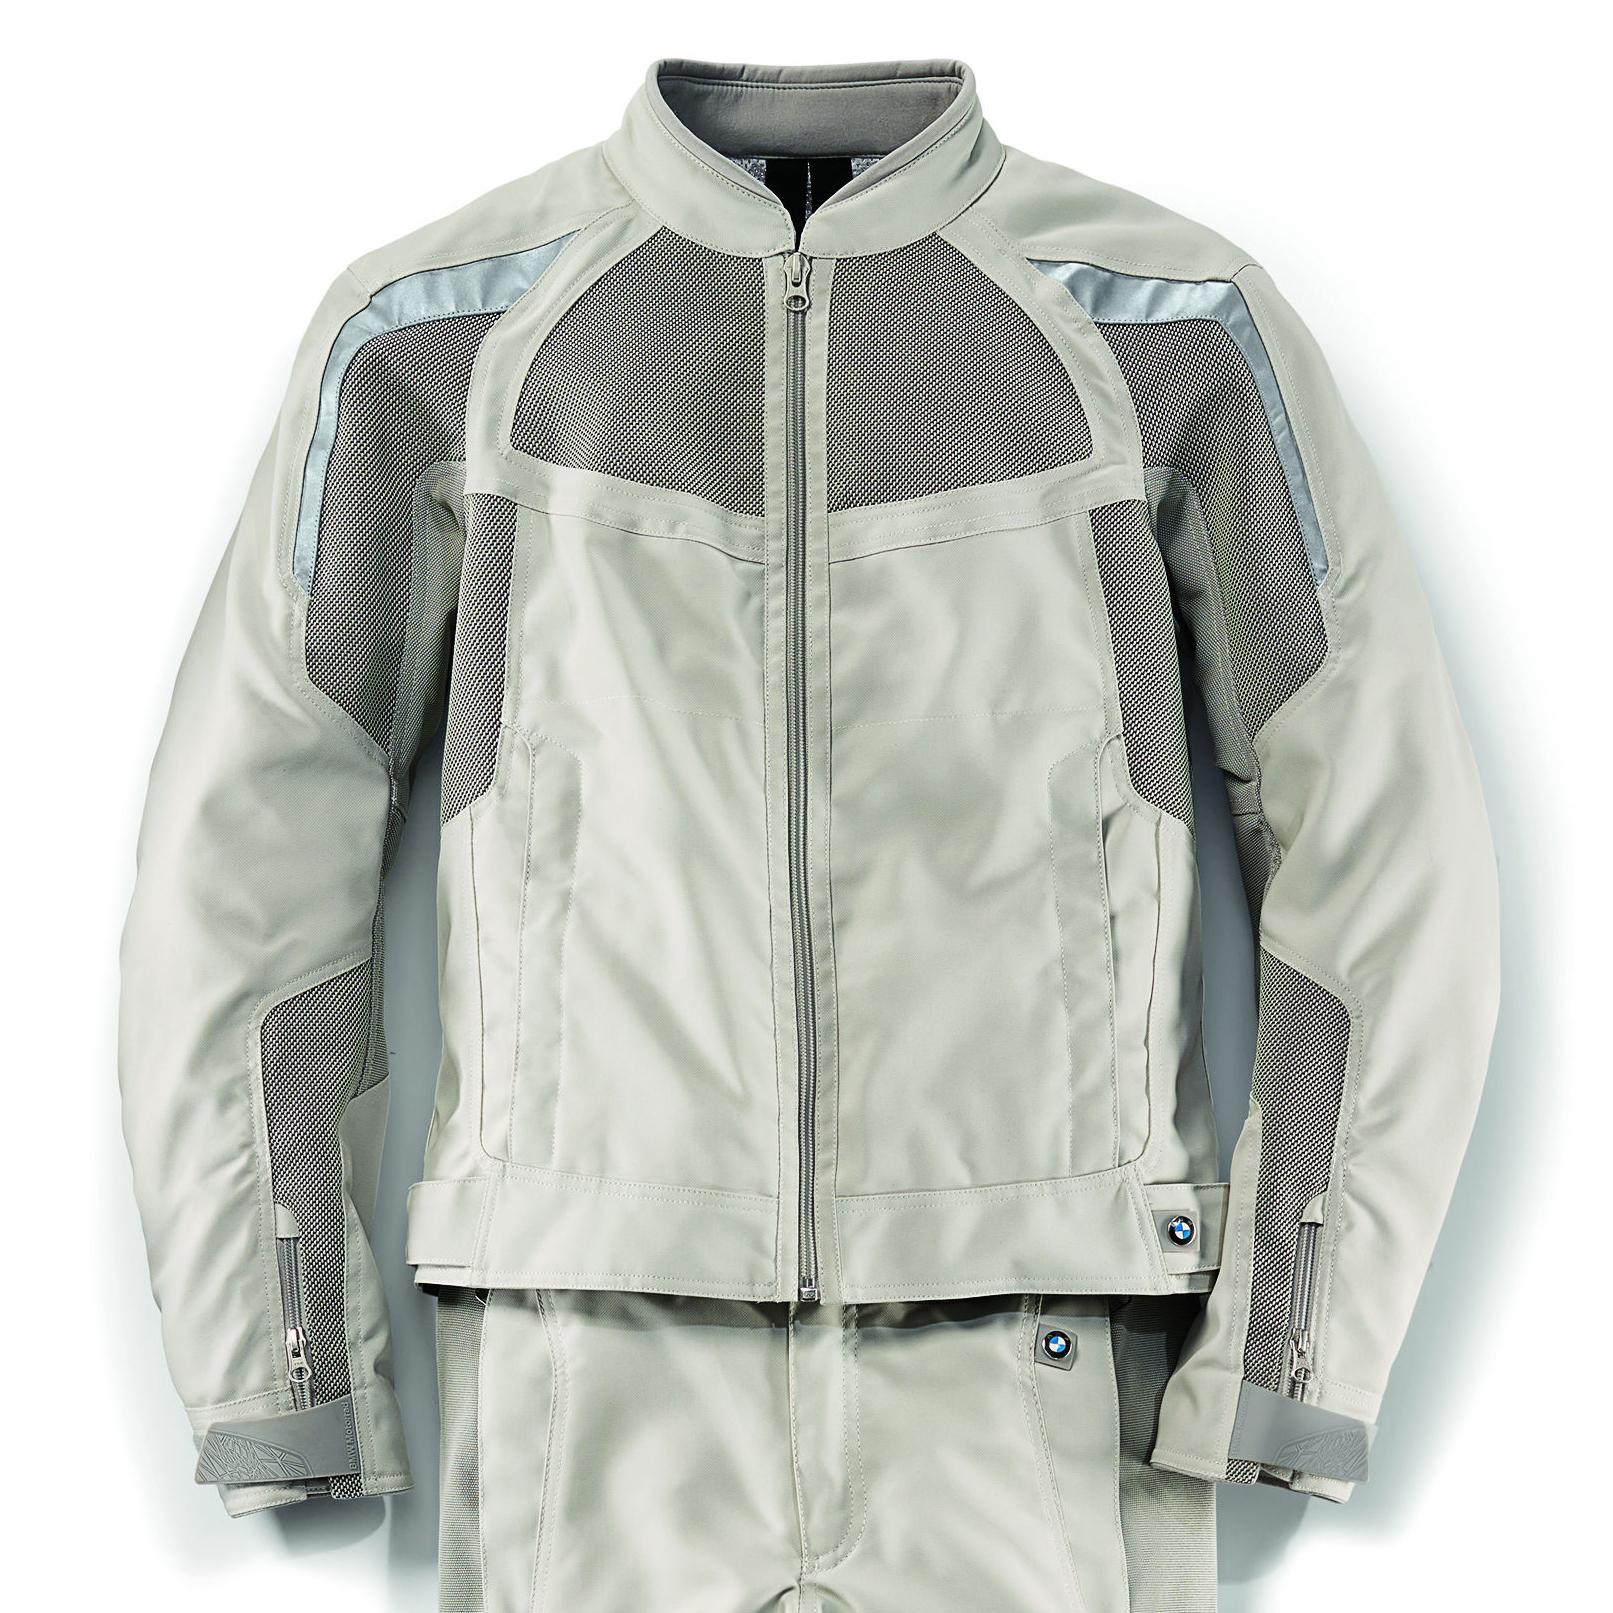 BMW Womens Airflow Jacket - Grey - 76138567985